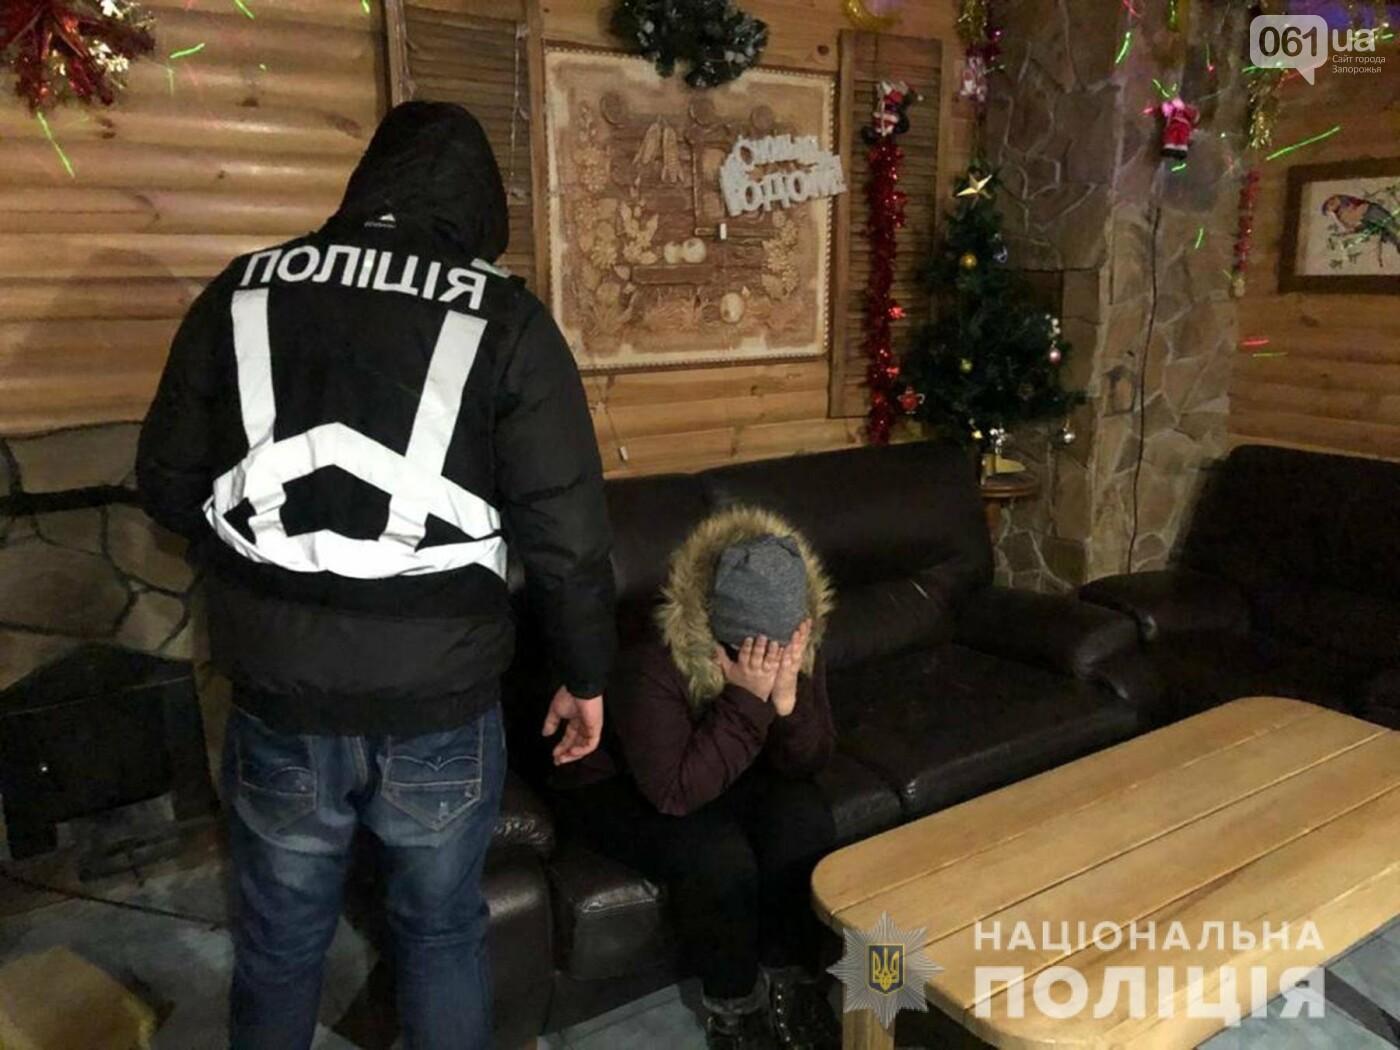 В Запорожье разоблачили сутенера, который за тысячу гривен доставил клиенту в сауну секс-работницу , фото-2